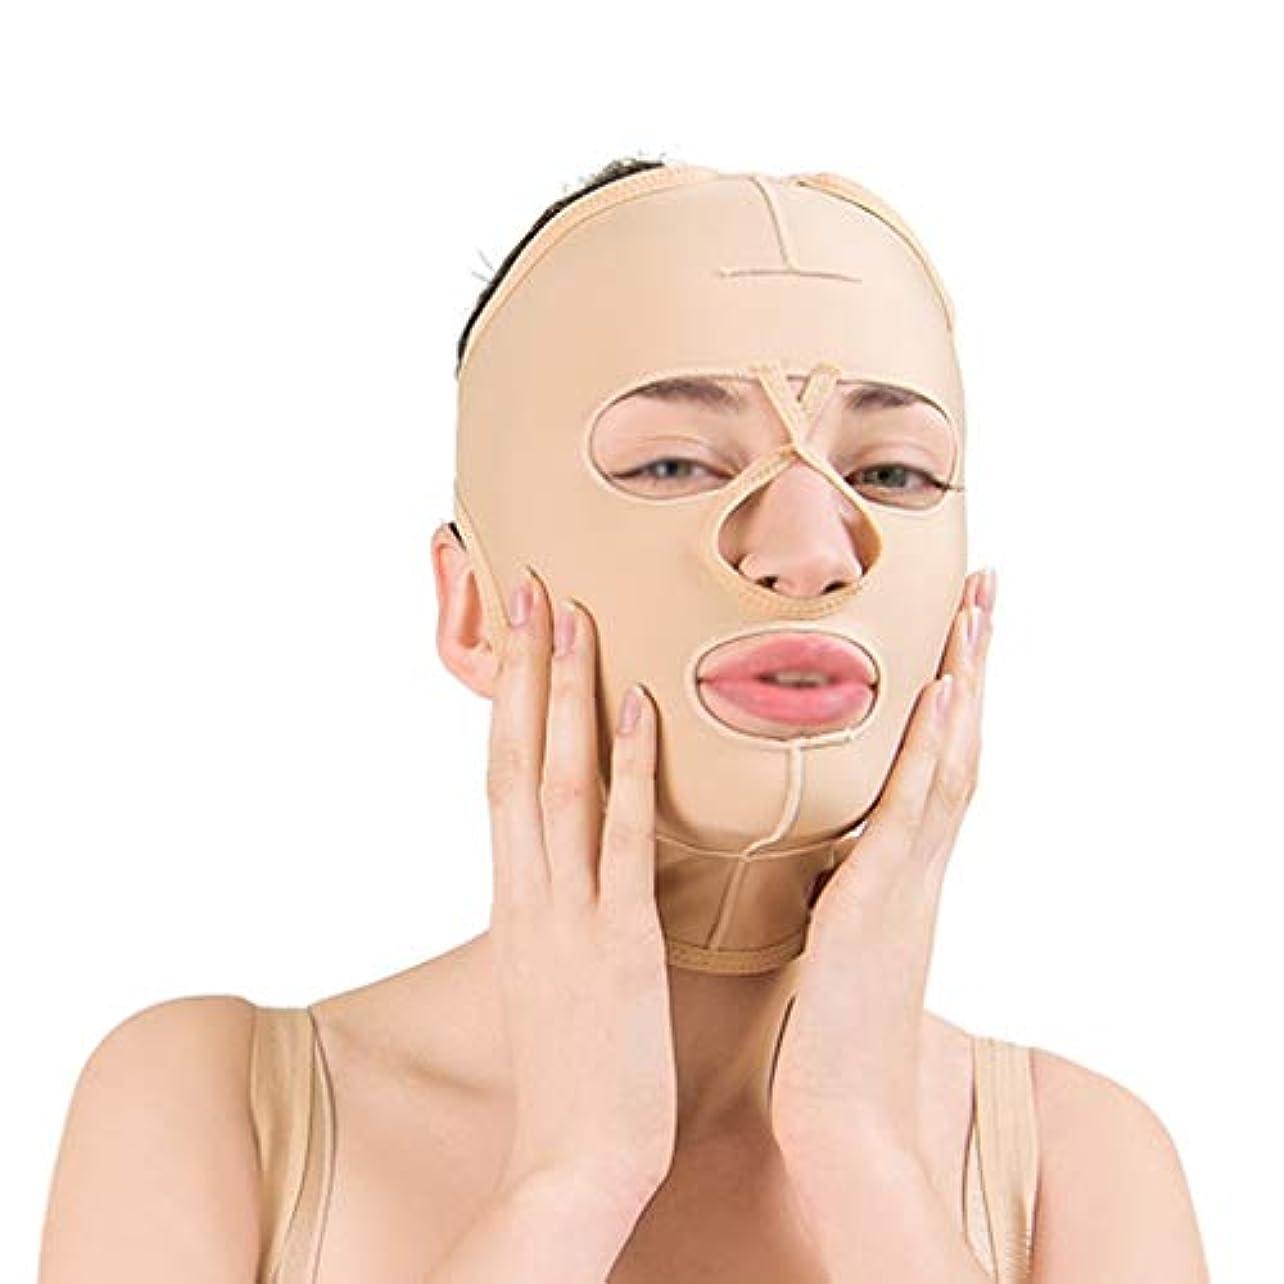 アラバマ誇張巨人XHLMRMJ フェイススリミングマスク、フェイスバンデージ付きフェイシャル減量マスク、通気性フェイスリフト、引き締め、フェイスリフティング (Size : S)